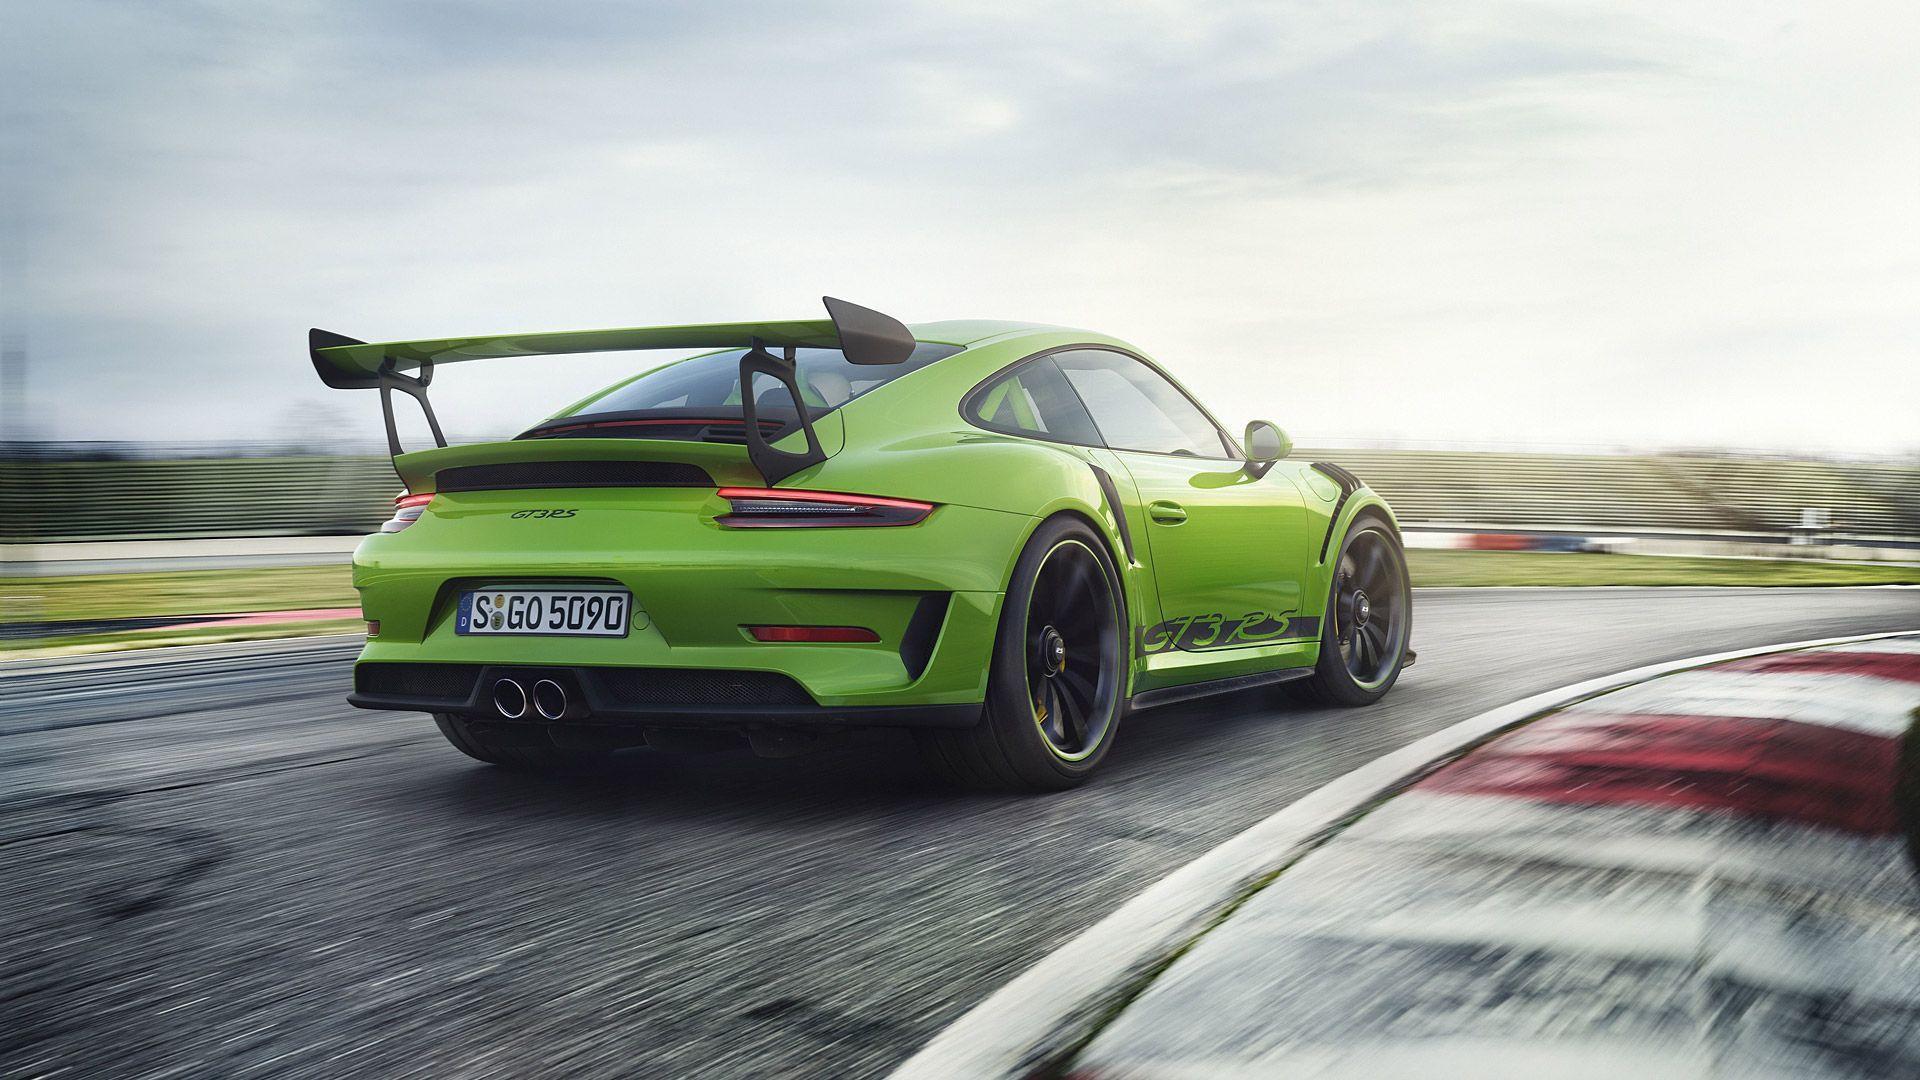 Porsche Gt3 Rs Wallpapers Top Free Porsche Gt3 Rs Backgrounds Wallpaperaccess